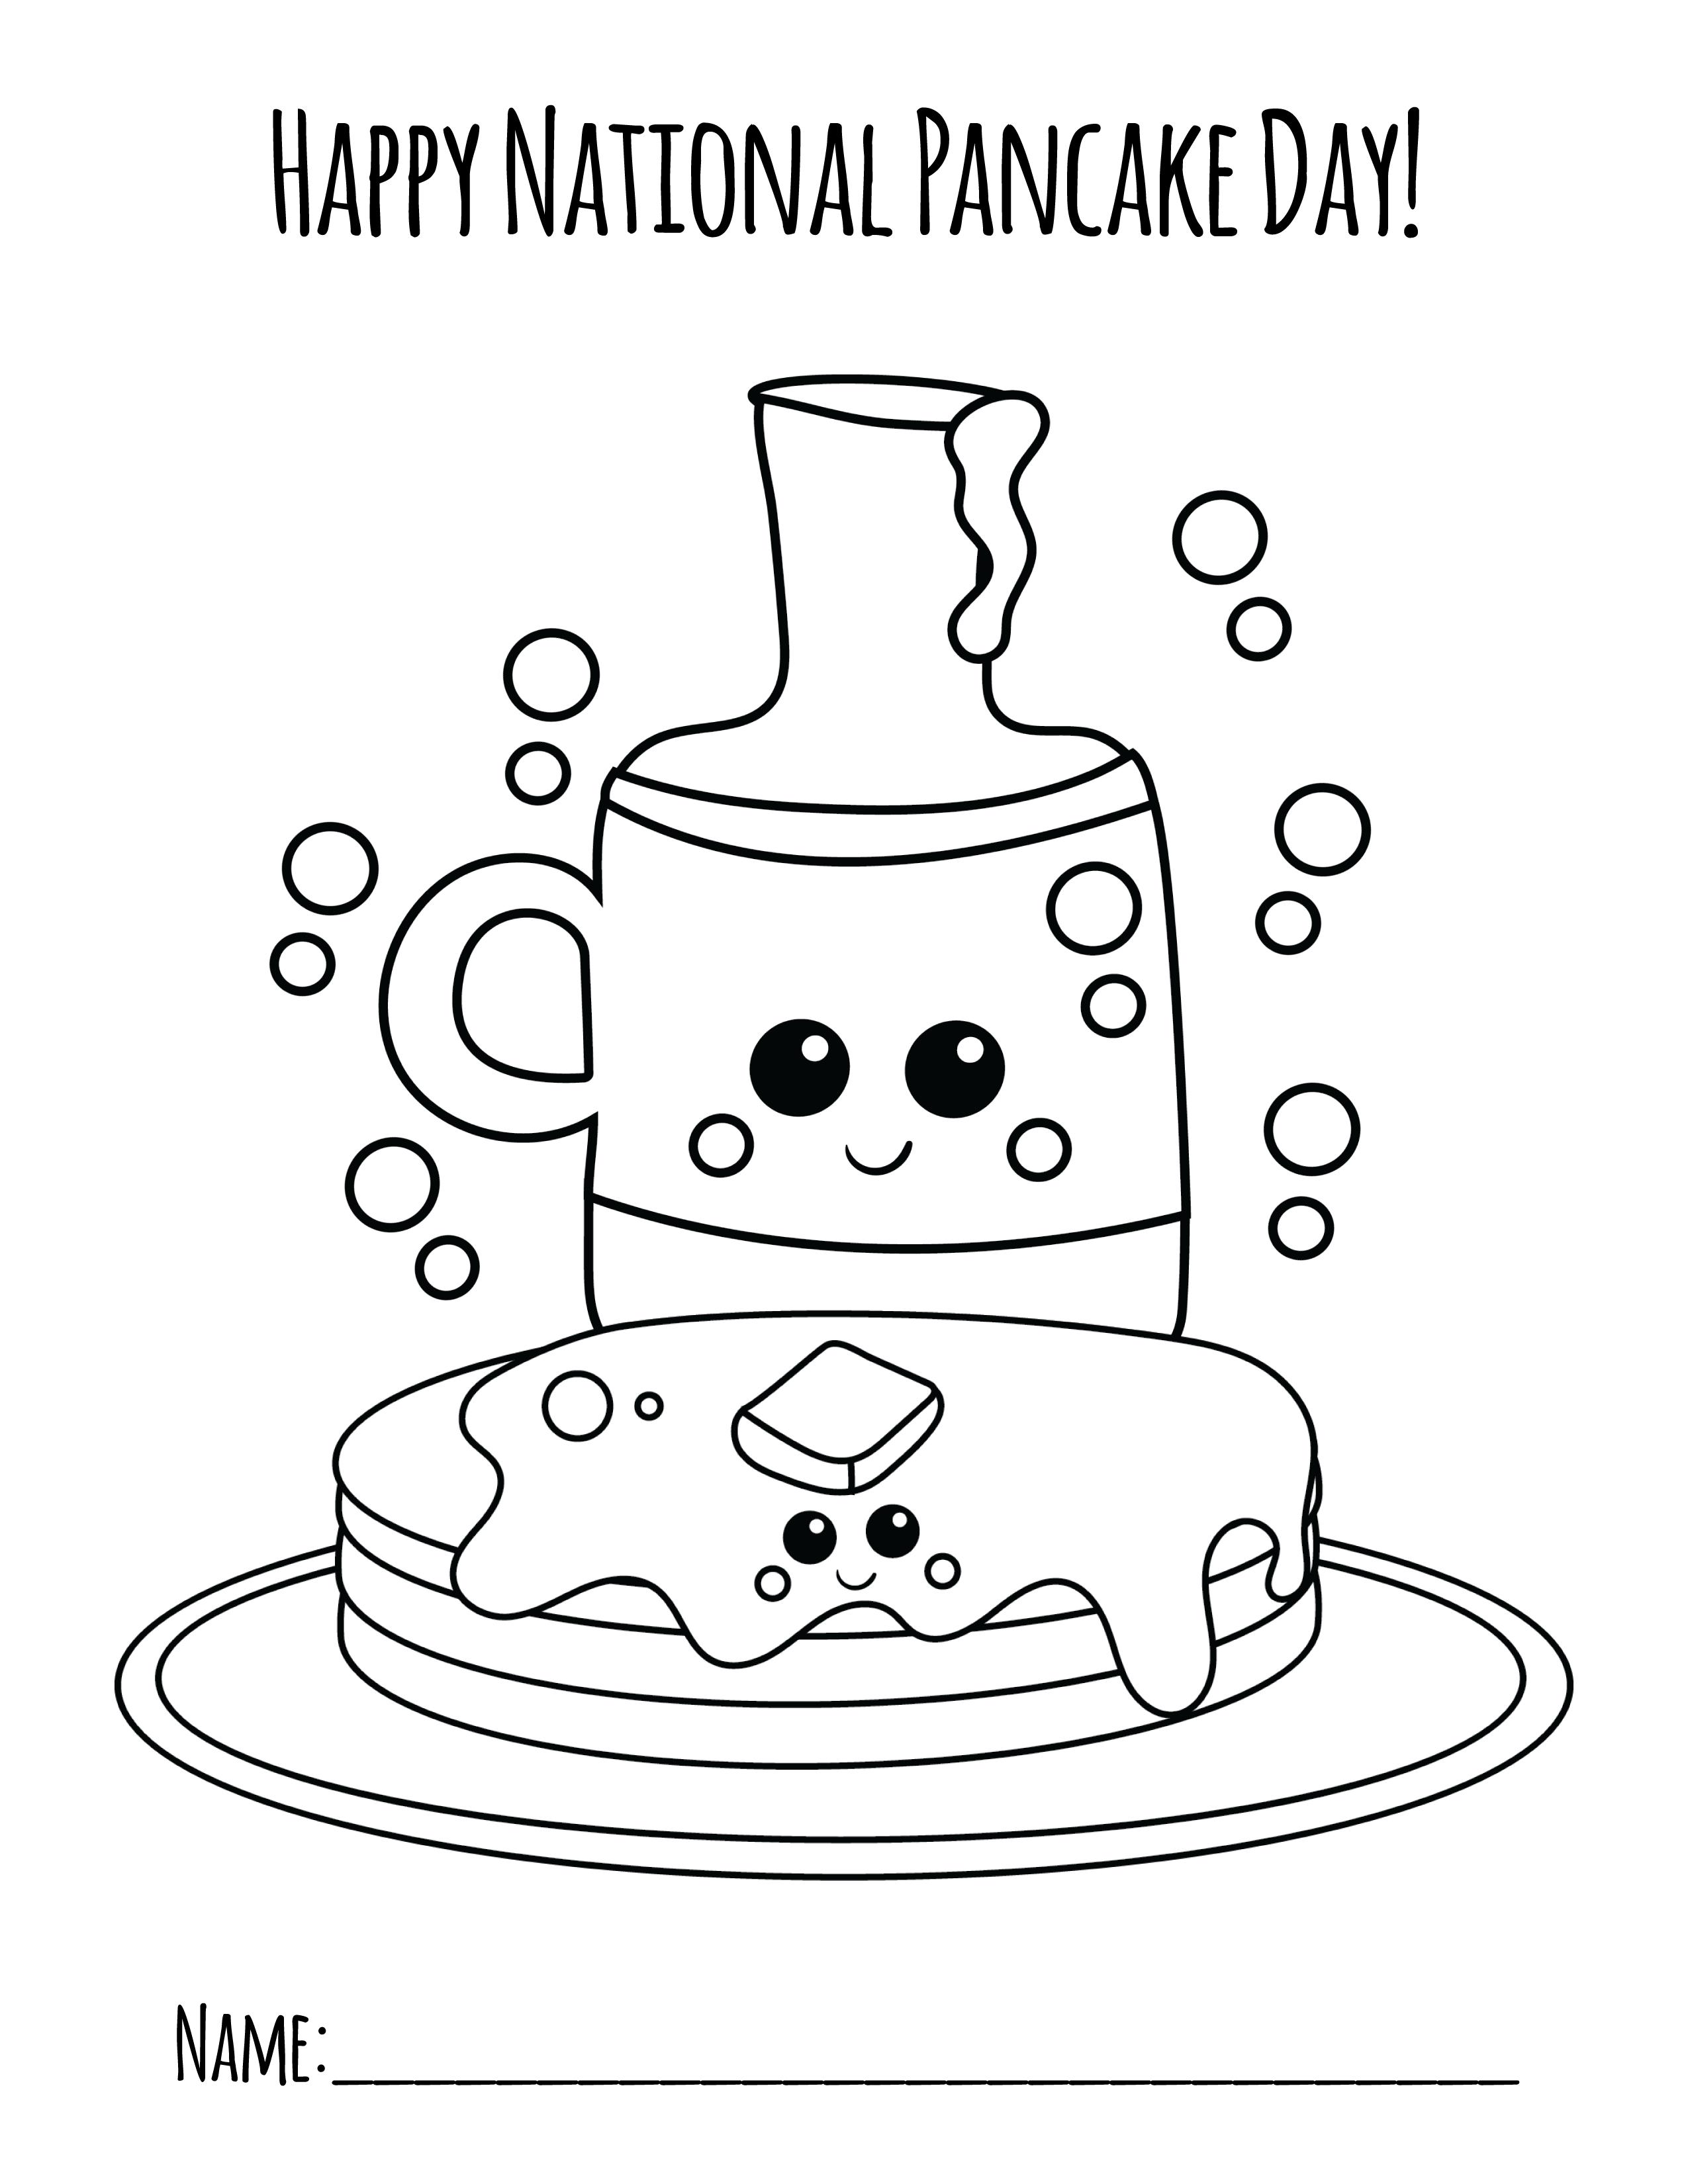 National Pancake Day Coloring Page ⋆ Primoparty  Pancake day